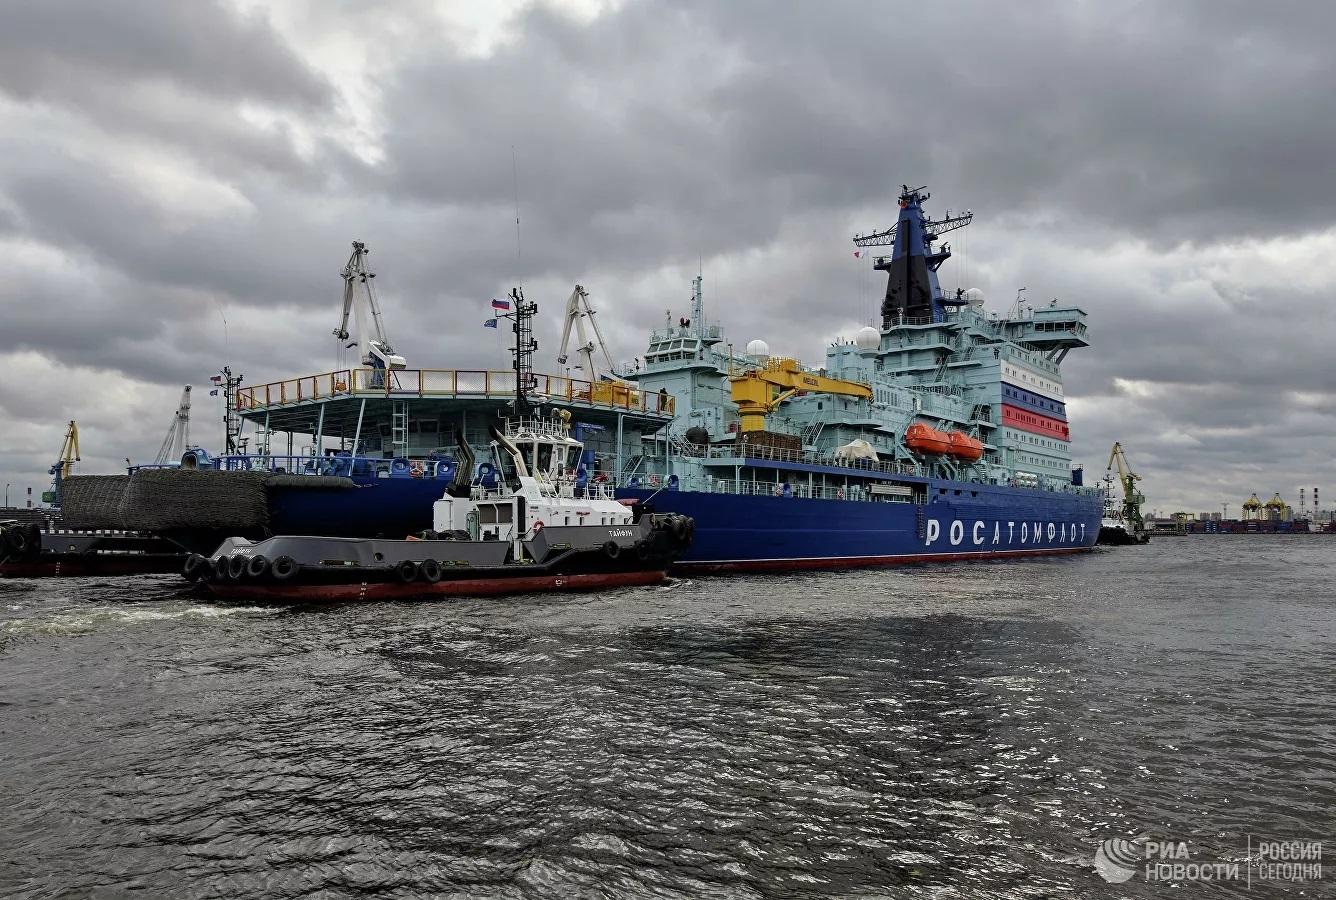 Truyền thông Nhật Bản 'kinh ngạc' trước tàu phá băng lớn nhất thế giới